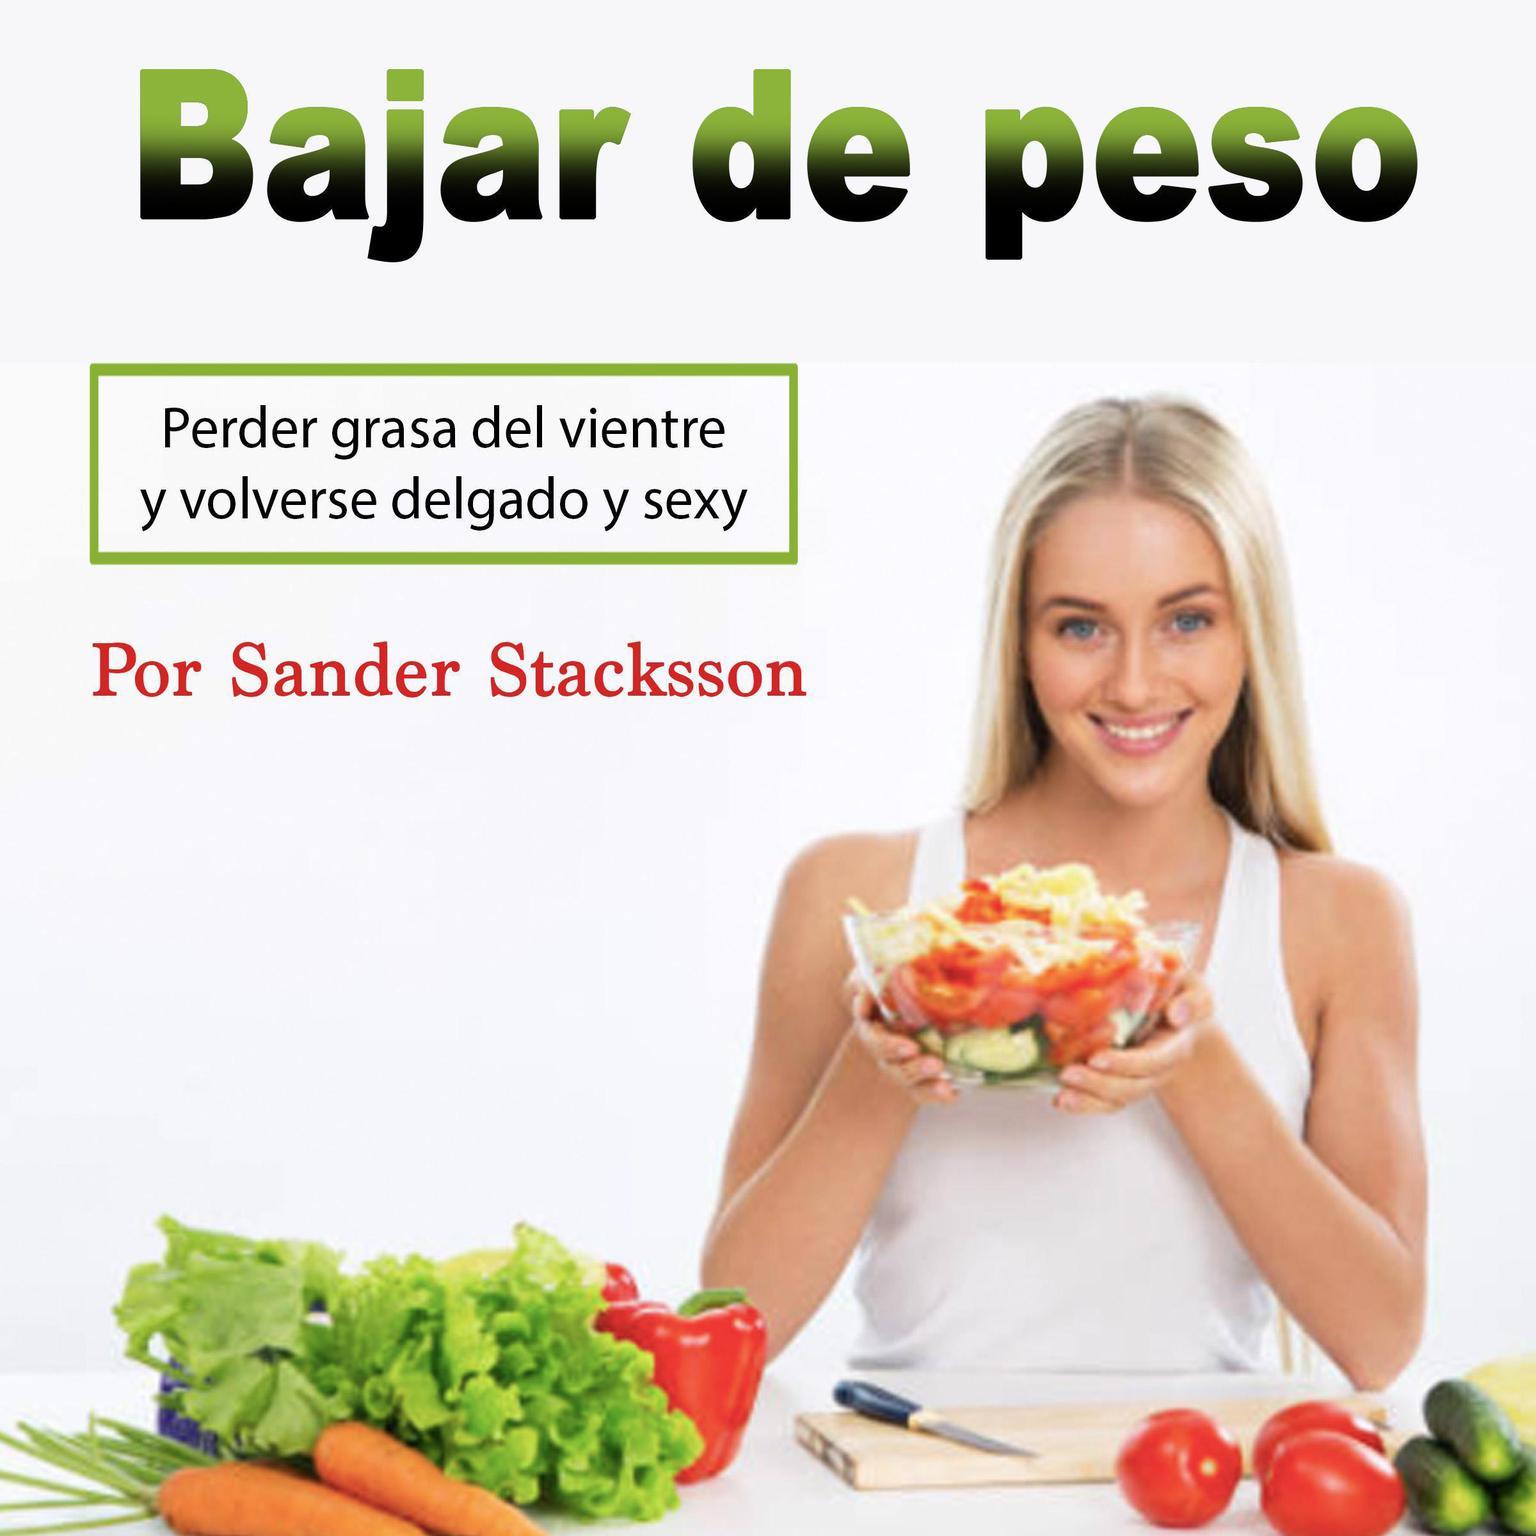 Bajar de peso: Perder grasa del vientre y volverse delgado y sexy (Spanish Edition) Audiobook, by Sander Stacksson